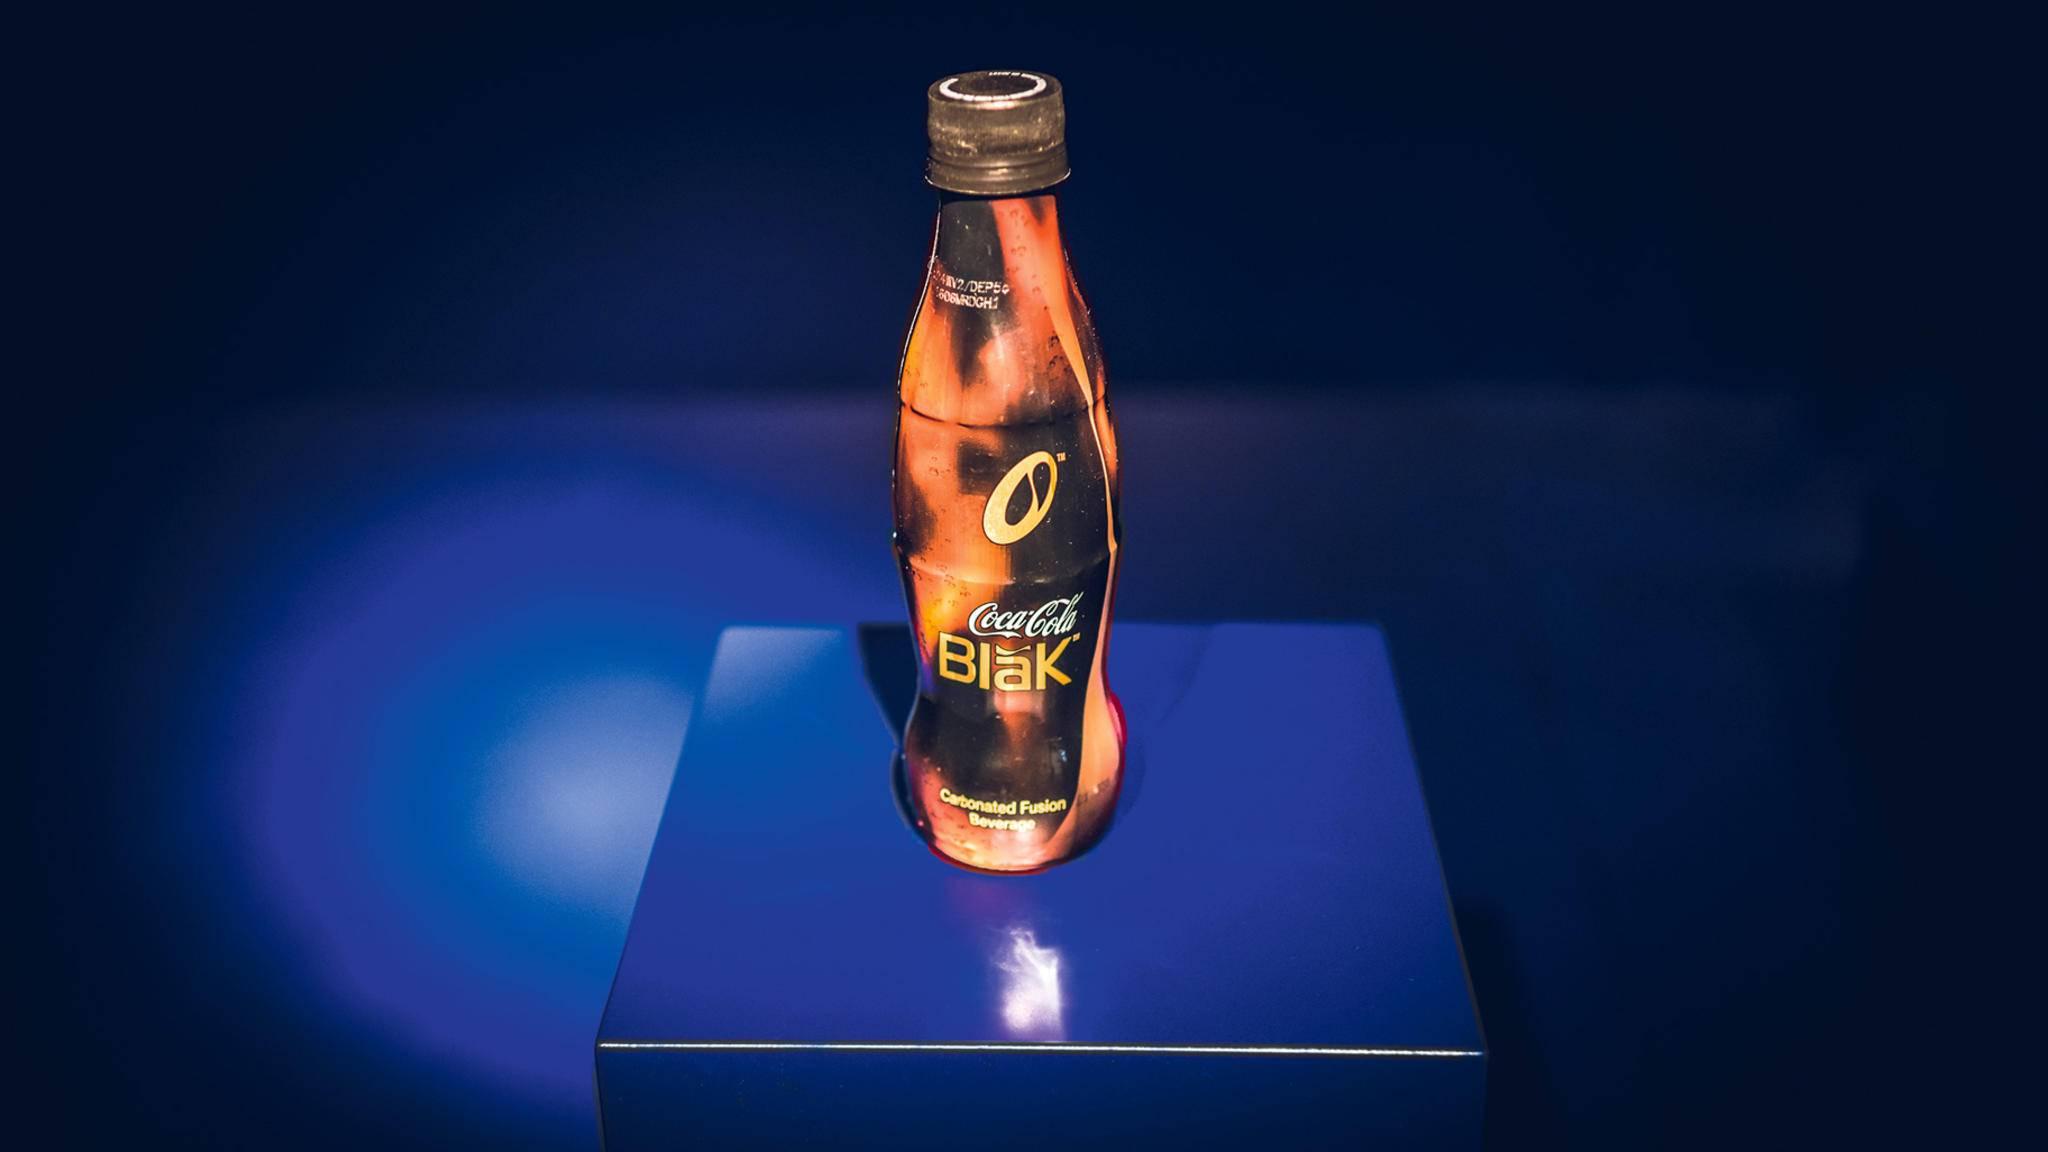 Coca-Cola Blak kreuzte Kaffee mit brauner Limo. Für viele durstige Kunden eine furchtbar finstere Kombination.